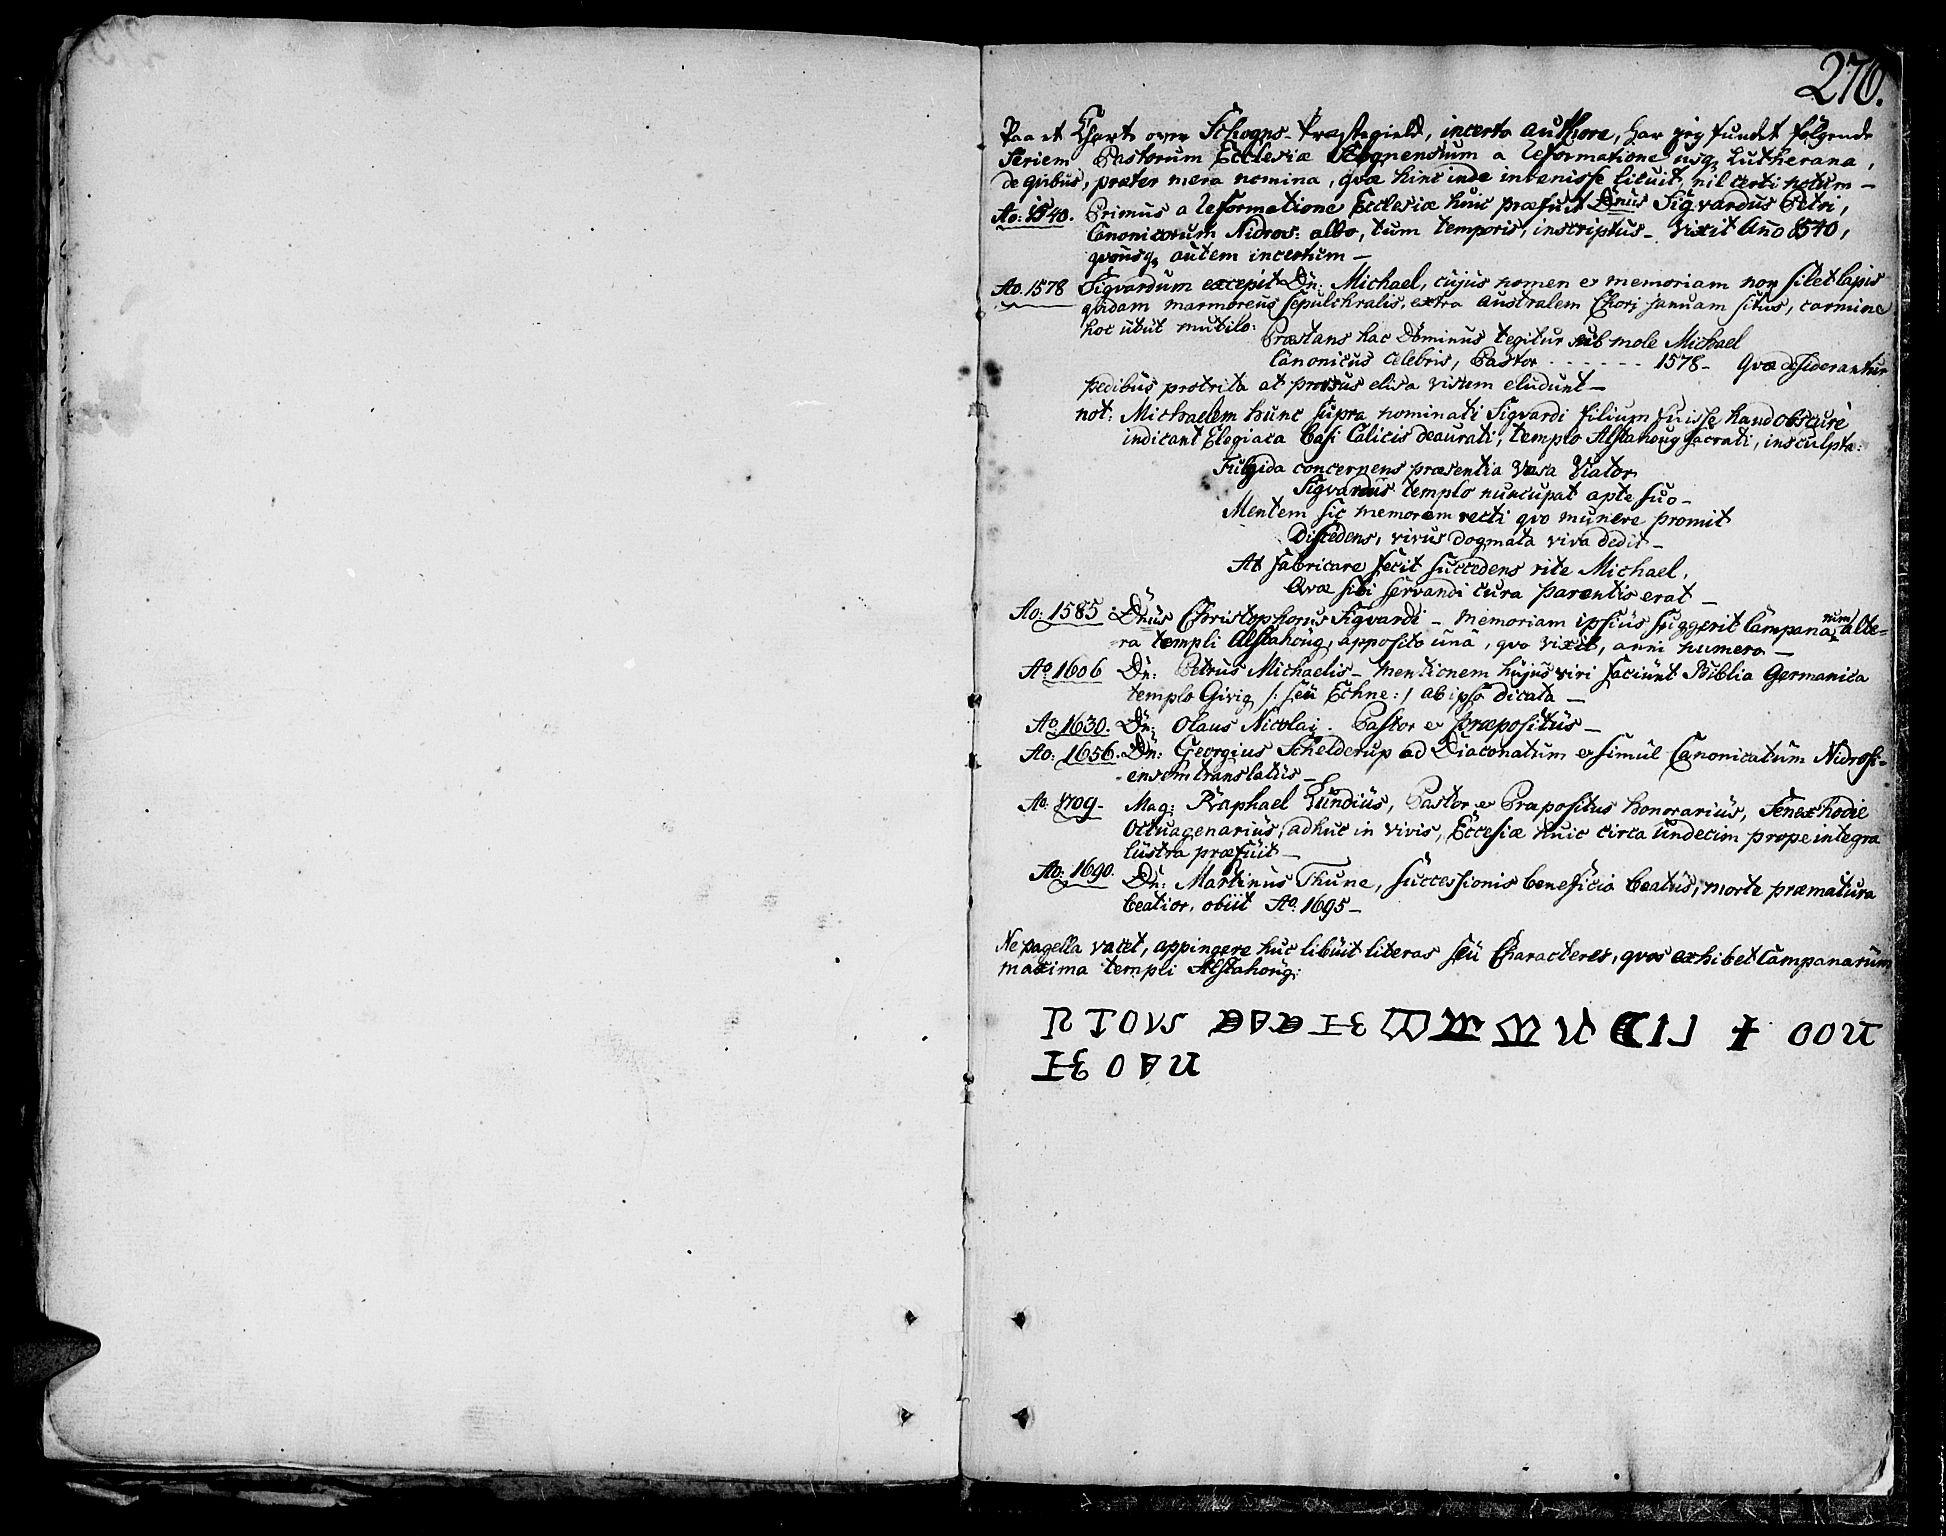 SAT, Ministerialprotokoller, klokkerbøker og fødselsregistre - Nord-Trøndelag, 717/L0142: Ministerialbok nr. 717A02 /1, 1783-1809, s. 276